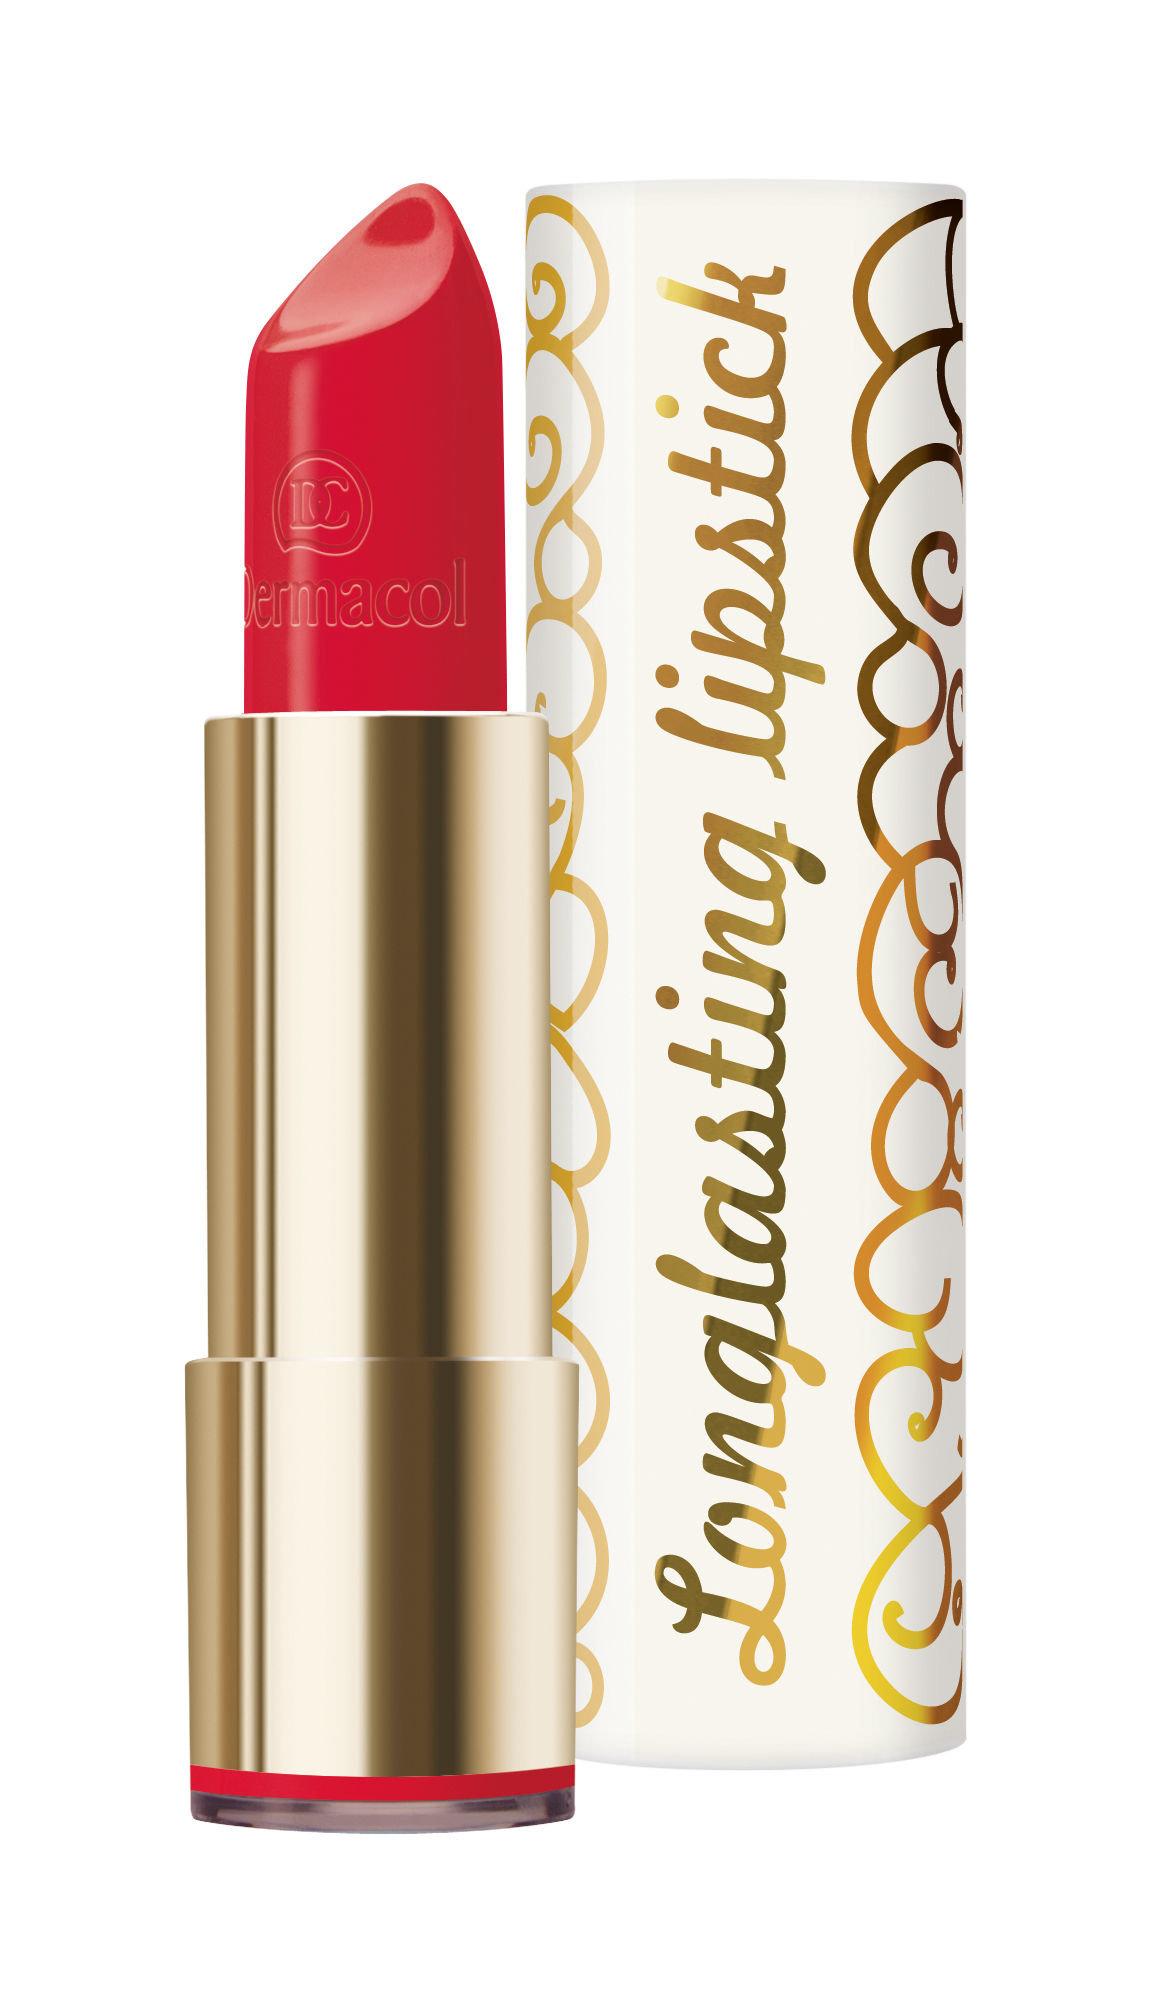 Dermacol Longlasting Cosmetic 4,8ml 08